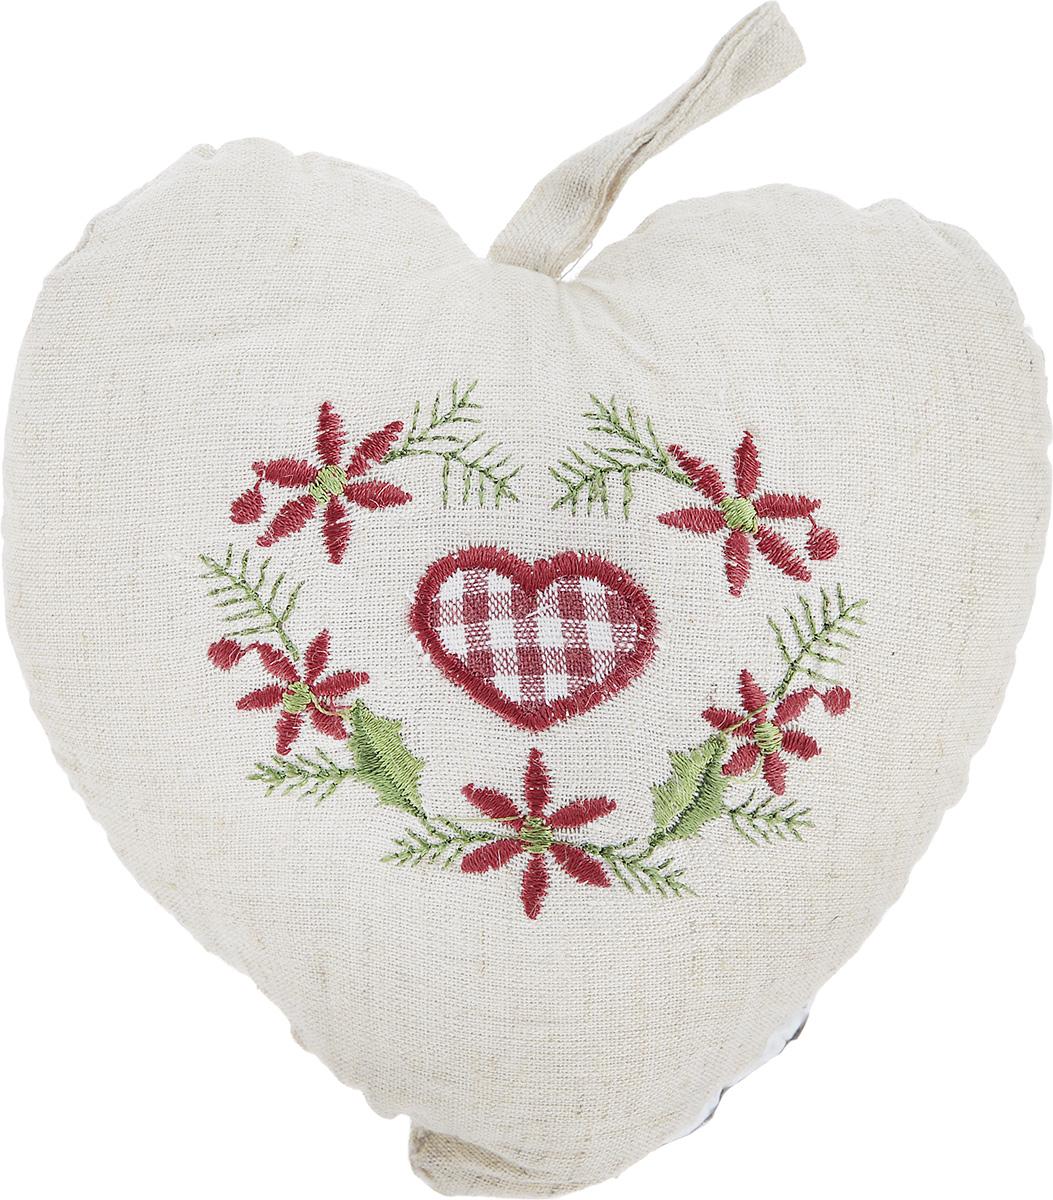 Подушка декоративная Schaefer Сердце, 15 х 15 см07314-514Подушка Schaefer Сердце станет отличным украшением интерьера. Изделие выполнено в форме сердца из хлопка с добавлением льна и оснащено петелькой для подвешивания. Лицевая сторона подушки декорирована вышивкой в виде клетчатого сердечка и цветочного орнамента. Внутри - мягкий наполнитель. Подушка Schaefer Сердце - это не только стильный предмет декора, но и хороший подарок вашим друзьям и близким, который подарит только положительные эмоции.